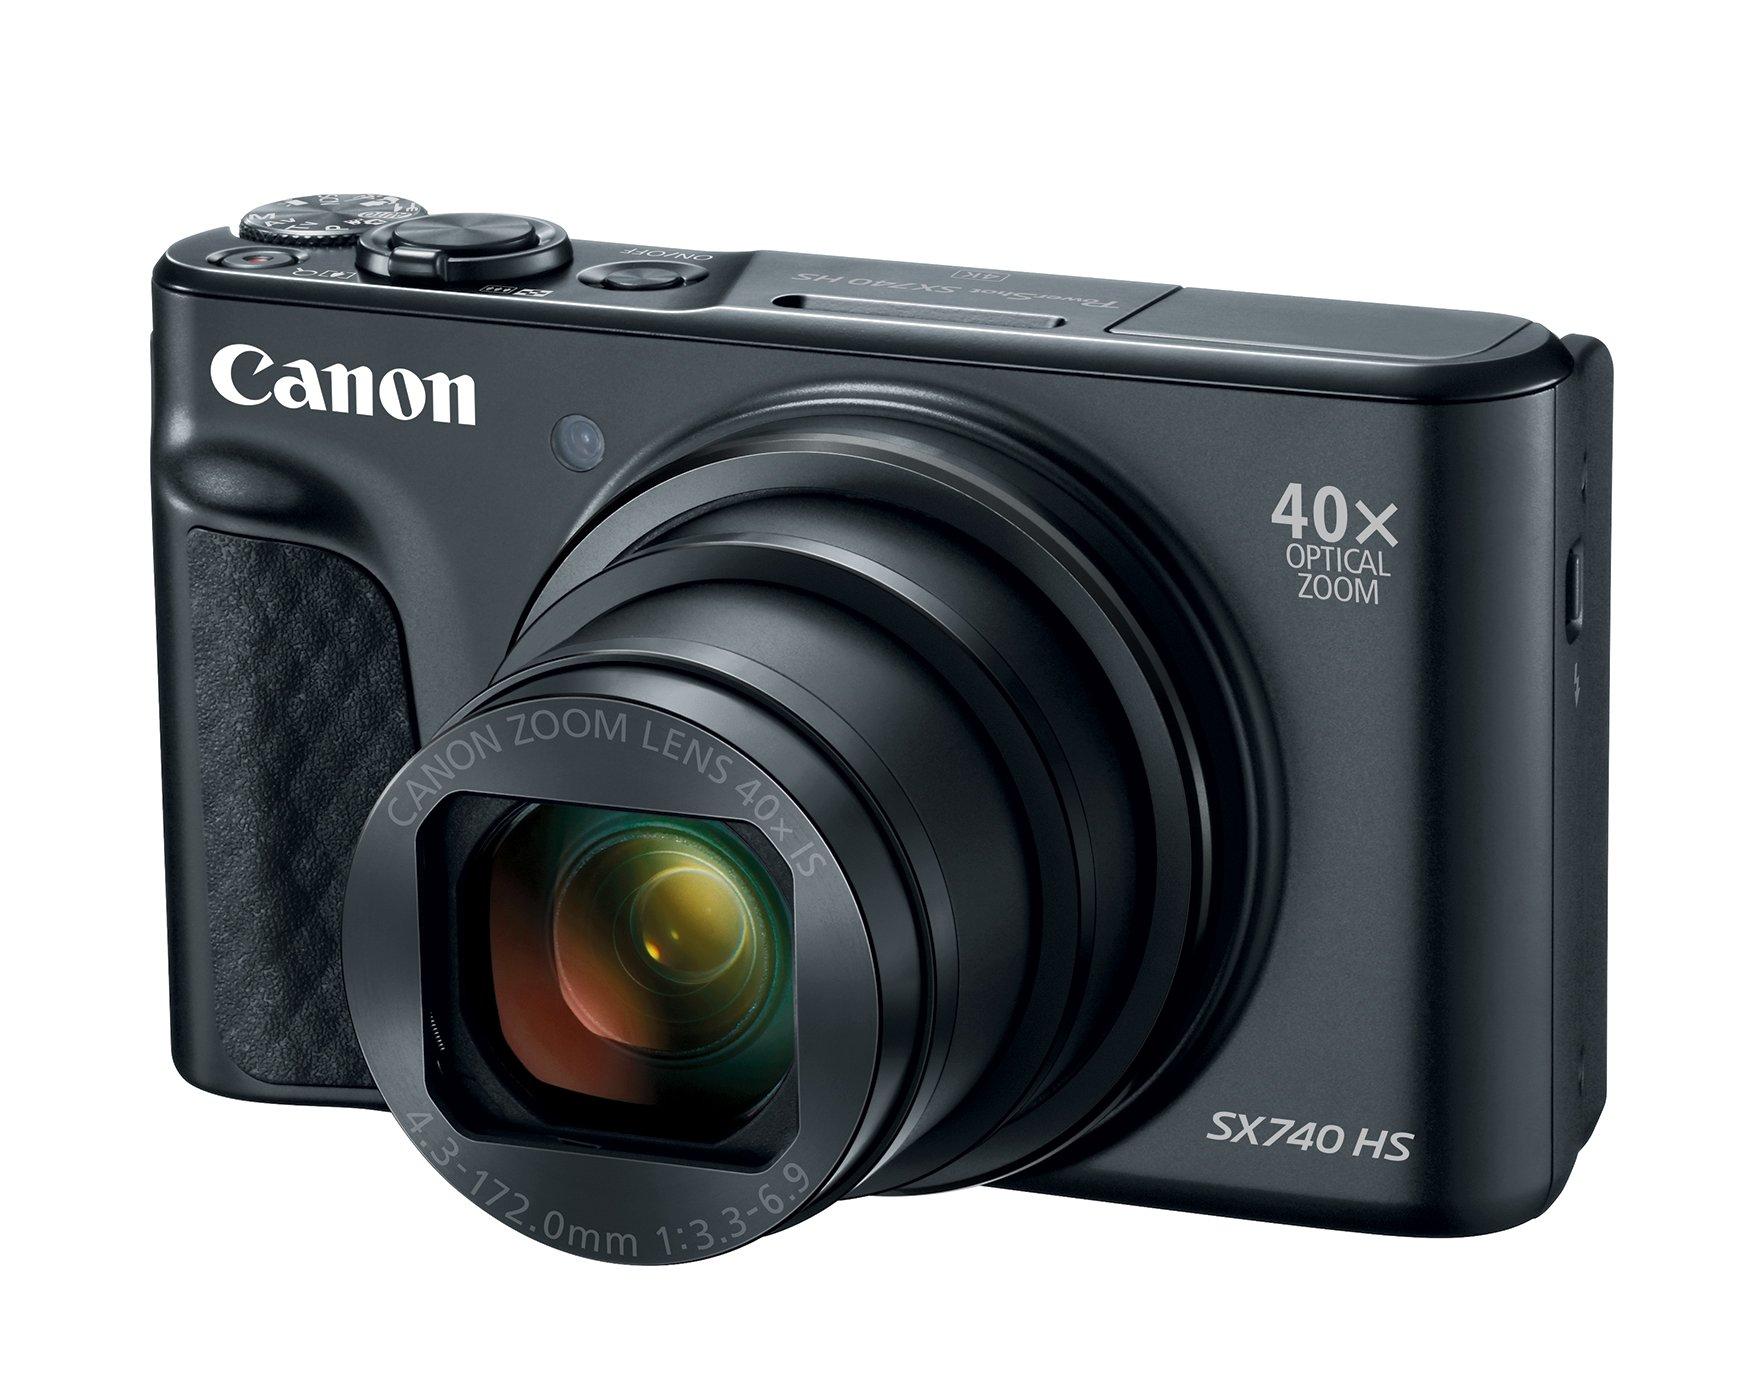 """Canon Cameras US Point Shoot Digital Camera 3.0"""" LCD - 71DXSTVy75L - Canon Cameras US Point and Shoot Digital Camera with 3.0″ LCD hot brands - 71DXSTVy75L - Hot Brands"""